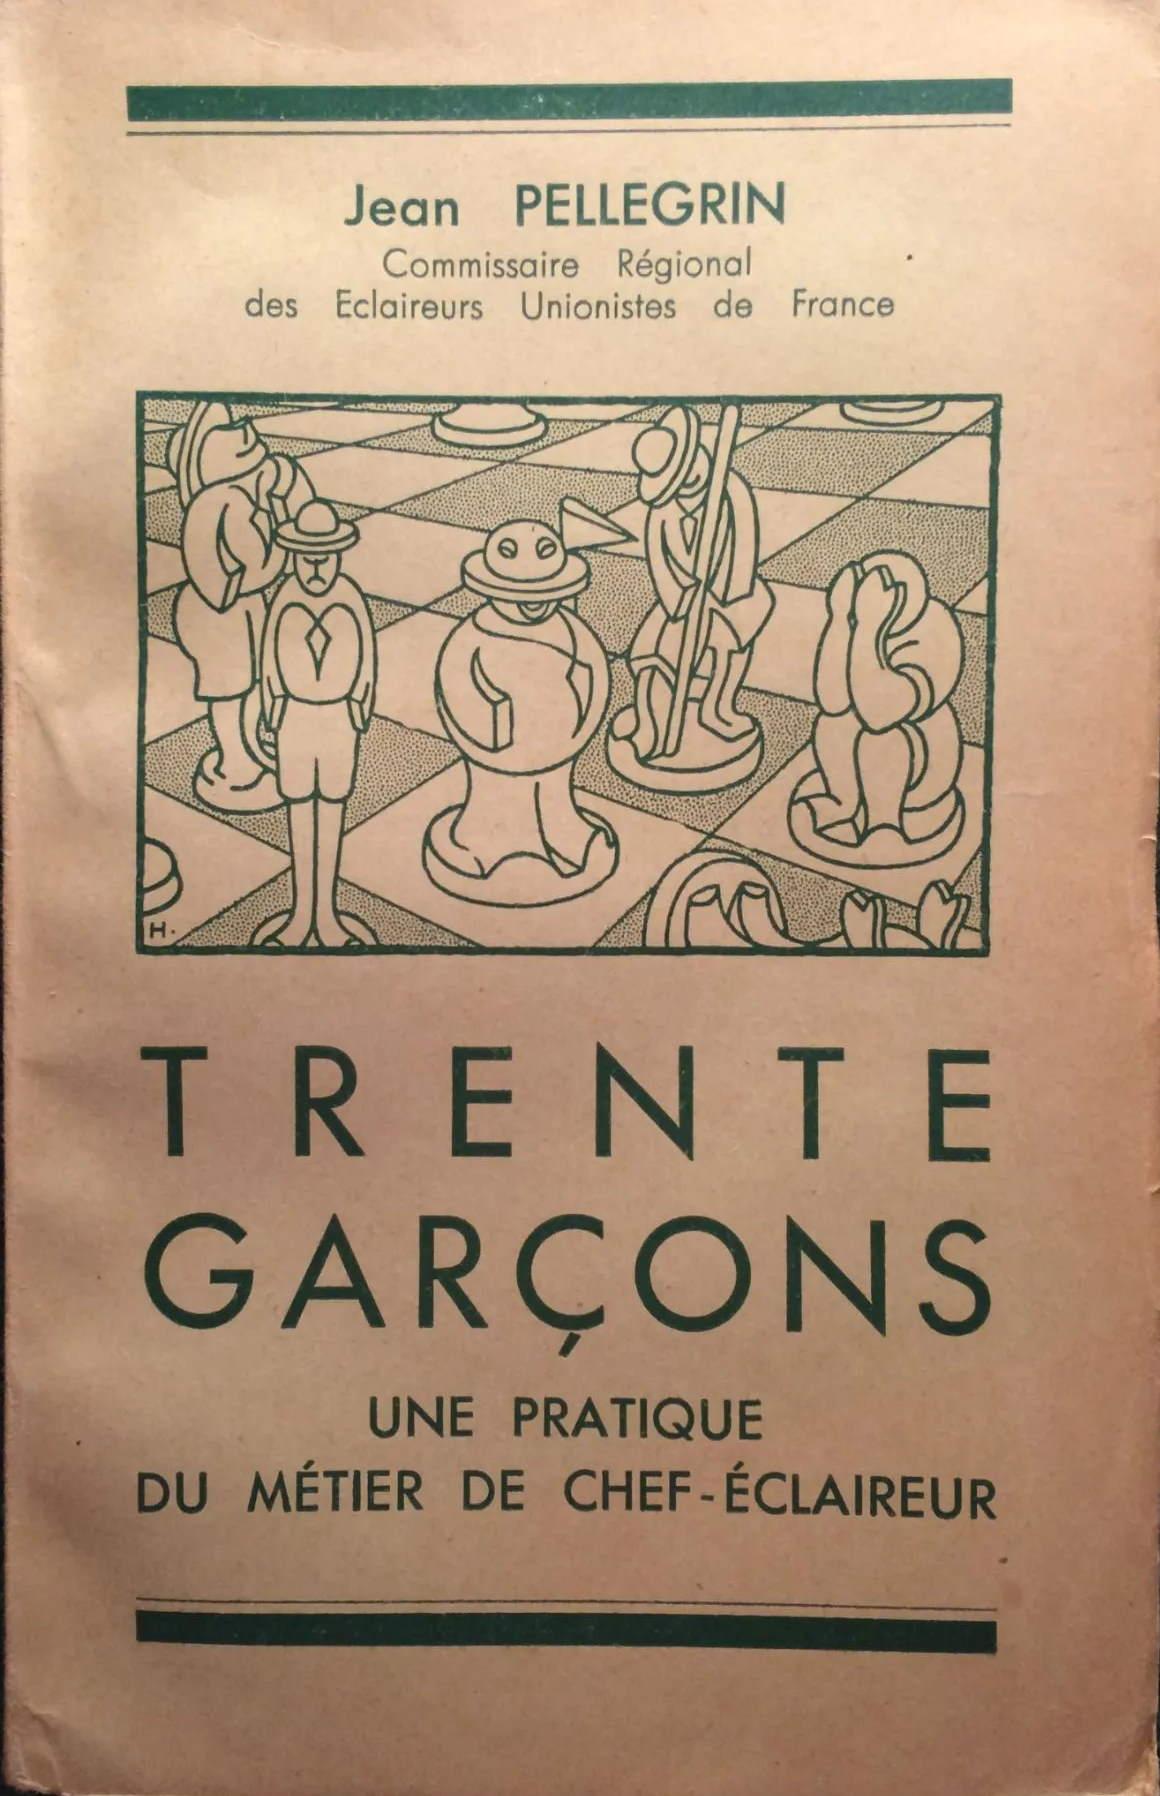 Jean Pellegrin - Trente garcons - Une pratique du métier de Chef-éclaireur